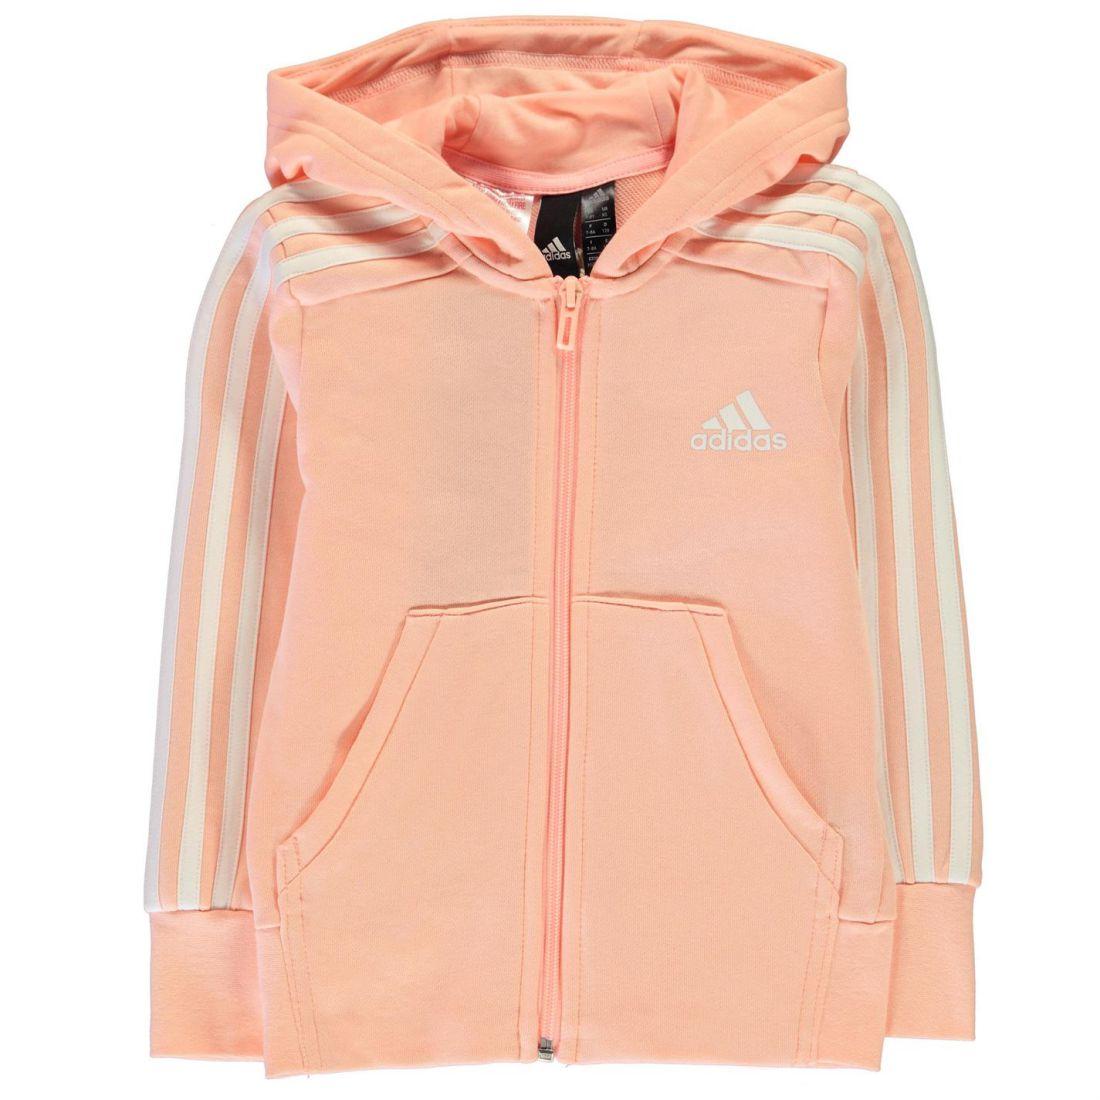 adidas Kids Girls 3 Stripe Zip Hoody Junior Hoodie Hooded Top Long ... 1017189734ab